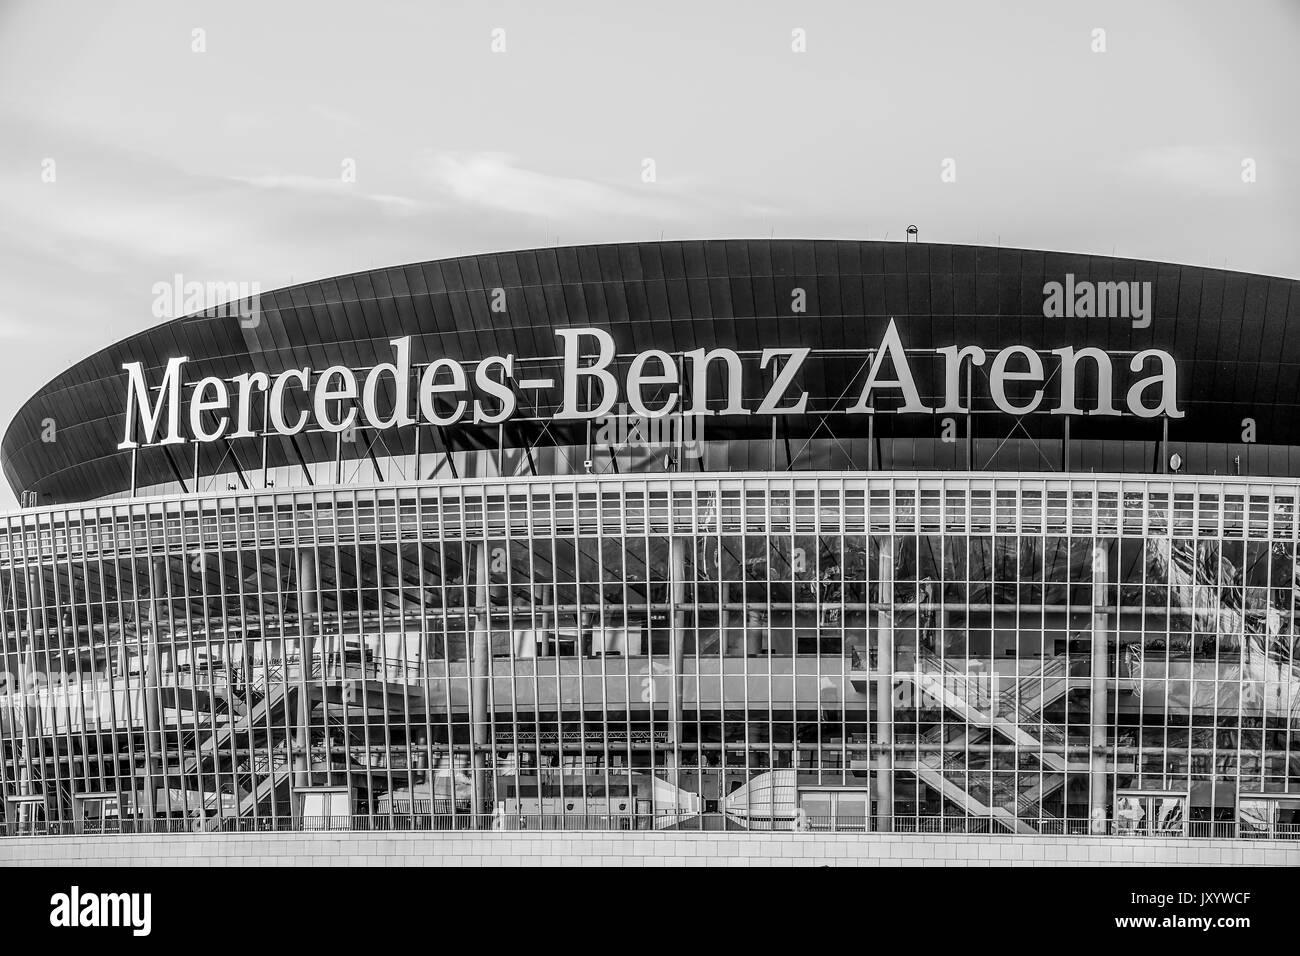 Mercedes benz arena stock photos mercedes benz arena for Mercedes benz arena